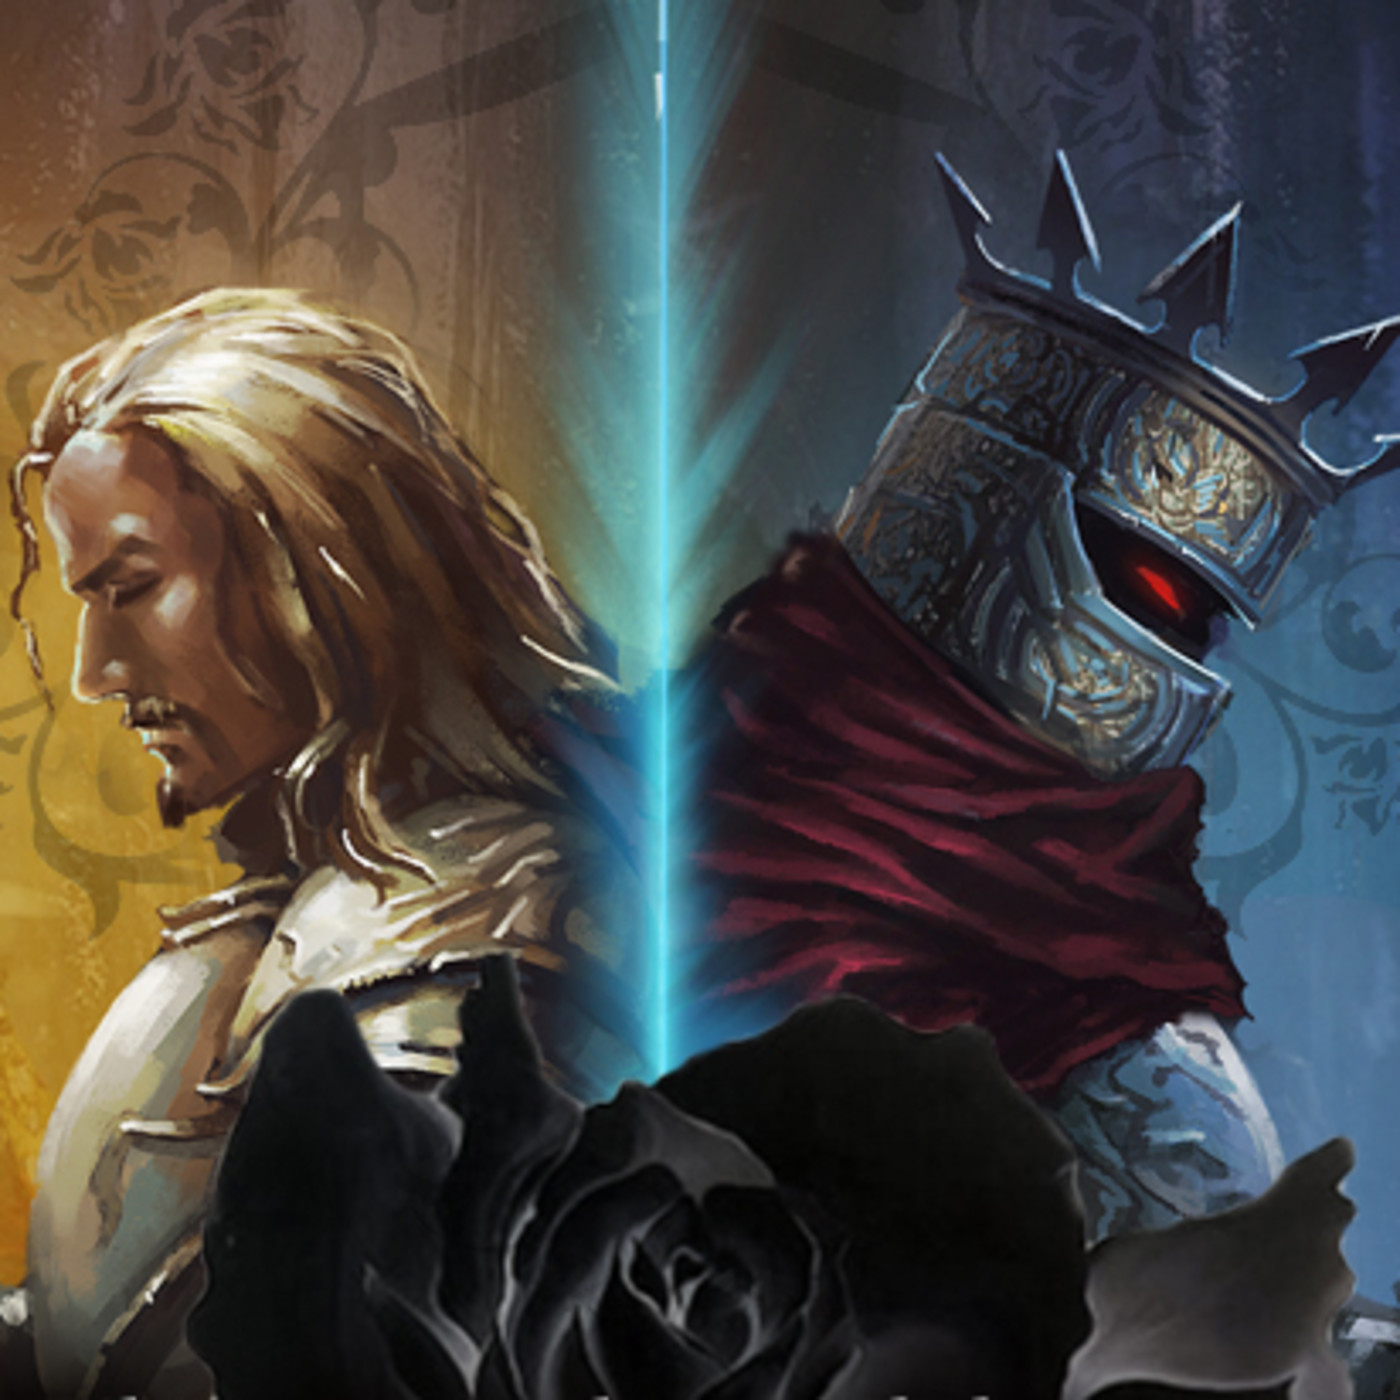 El Caballero de la Rosa Negra en Relatos de la Torre Negra en mp3(29/03 a  las 01:01:57) 39:23 24932266 - iVoox